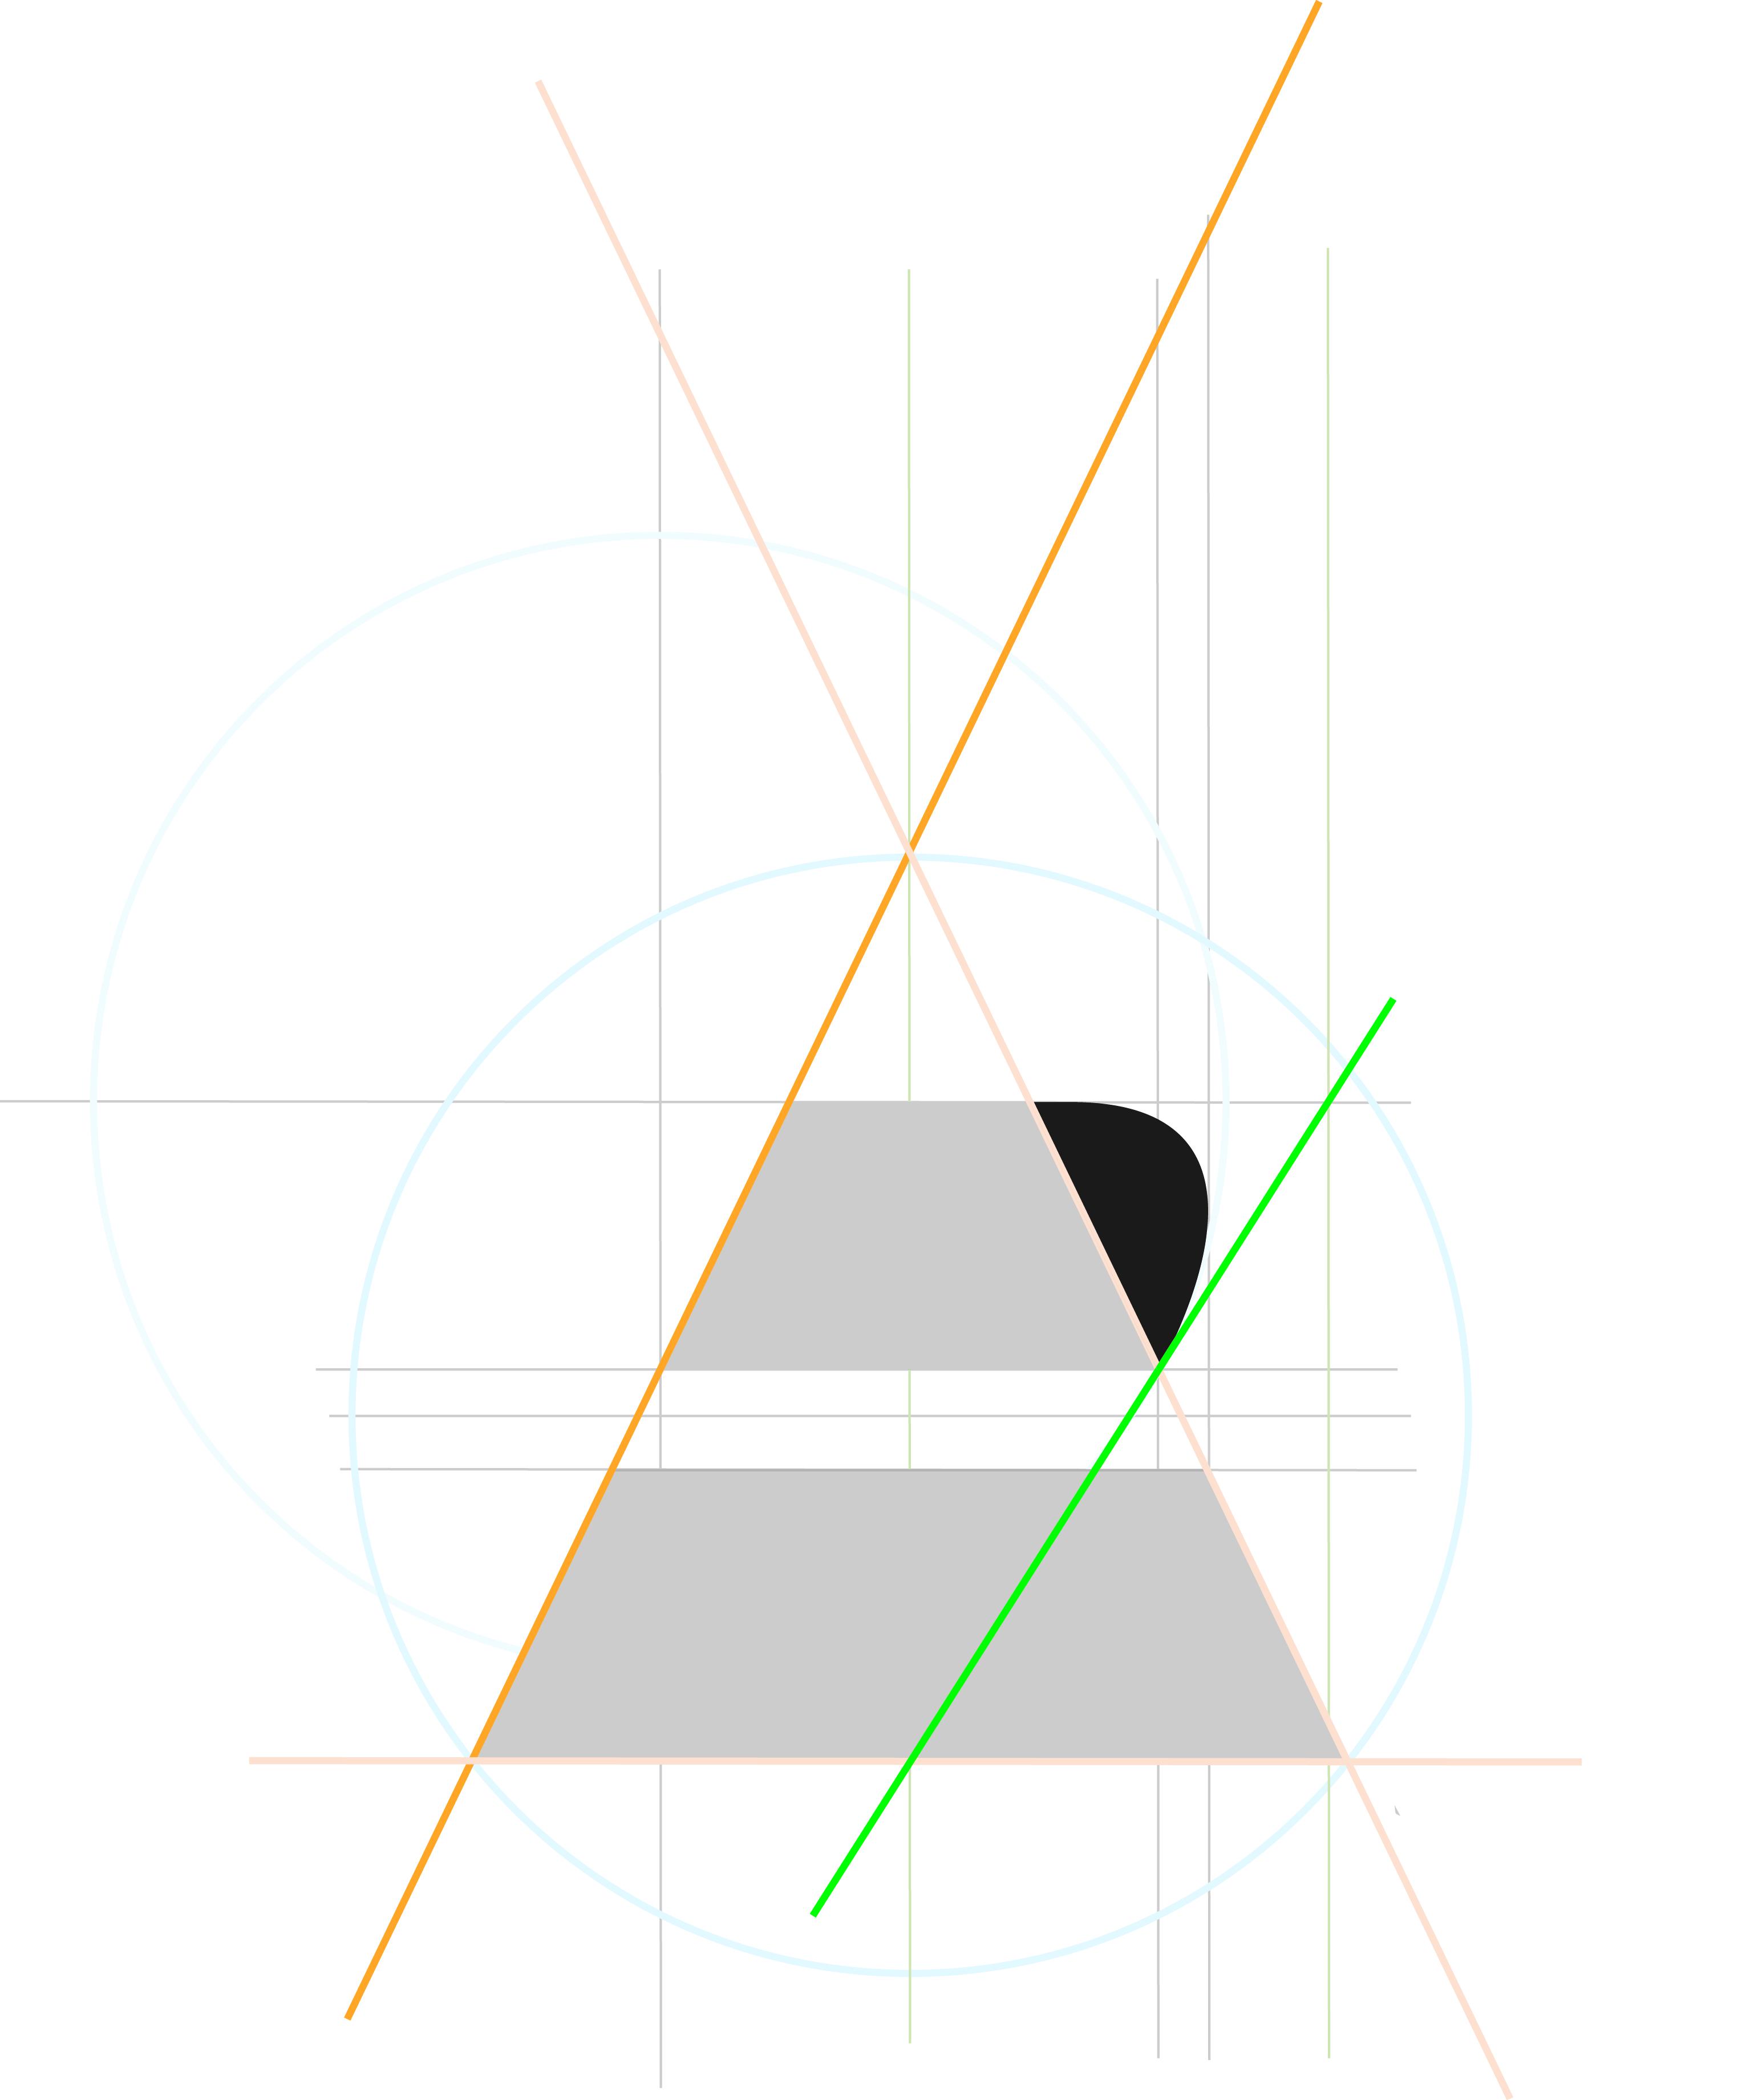 aregel_logo_ci_fertig_concept7